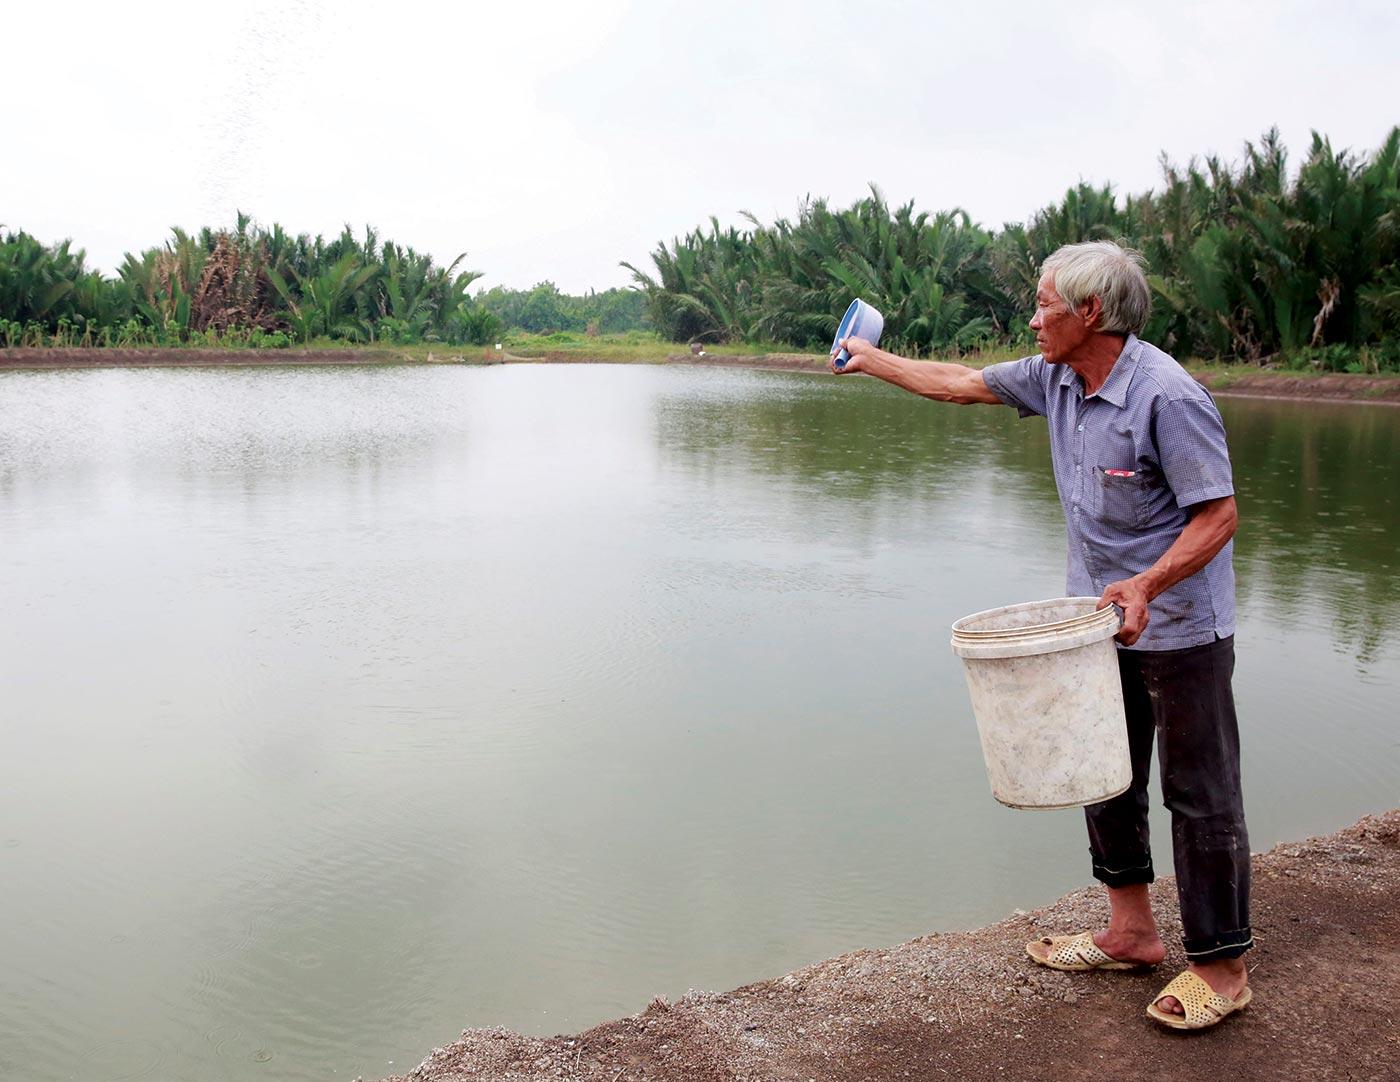 Chú Trương Văn Tập (xã Hiệp Phước, huyện Nhà Bè, TP.HCM) chăm sóc ao tôm từ nguồn vốn được Quỹ Vì người nghèo Huyện Nhà Bè hỗ trợ